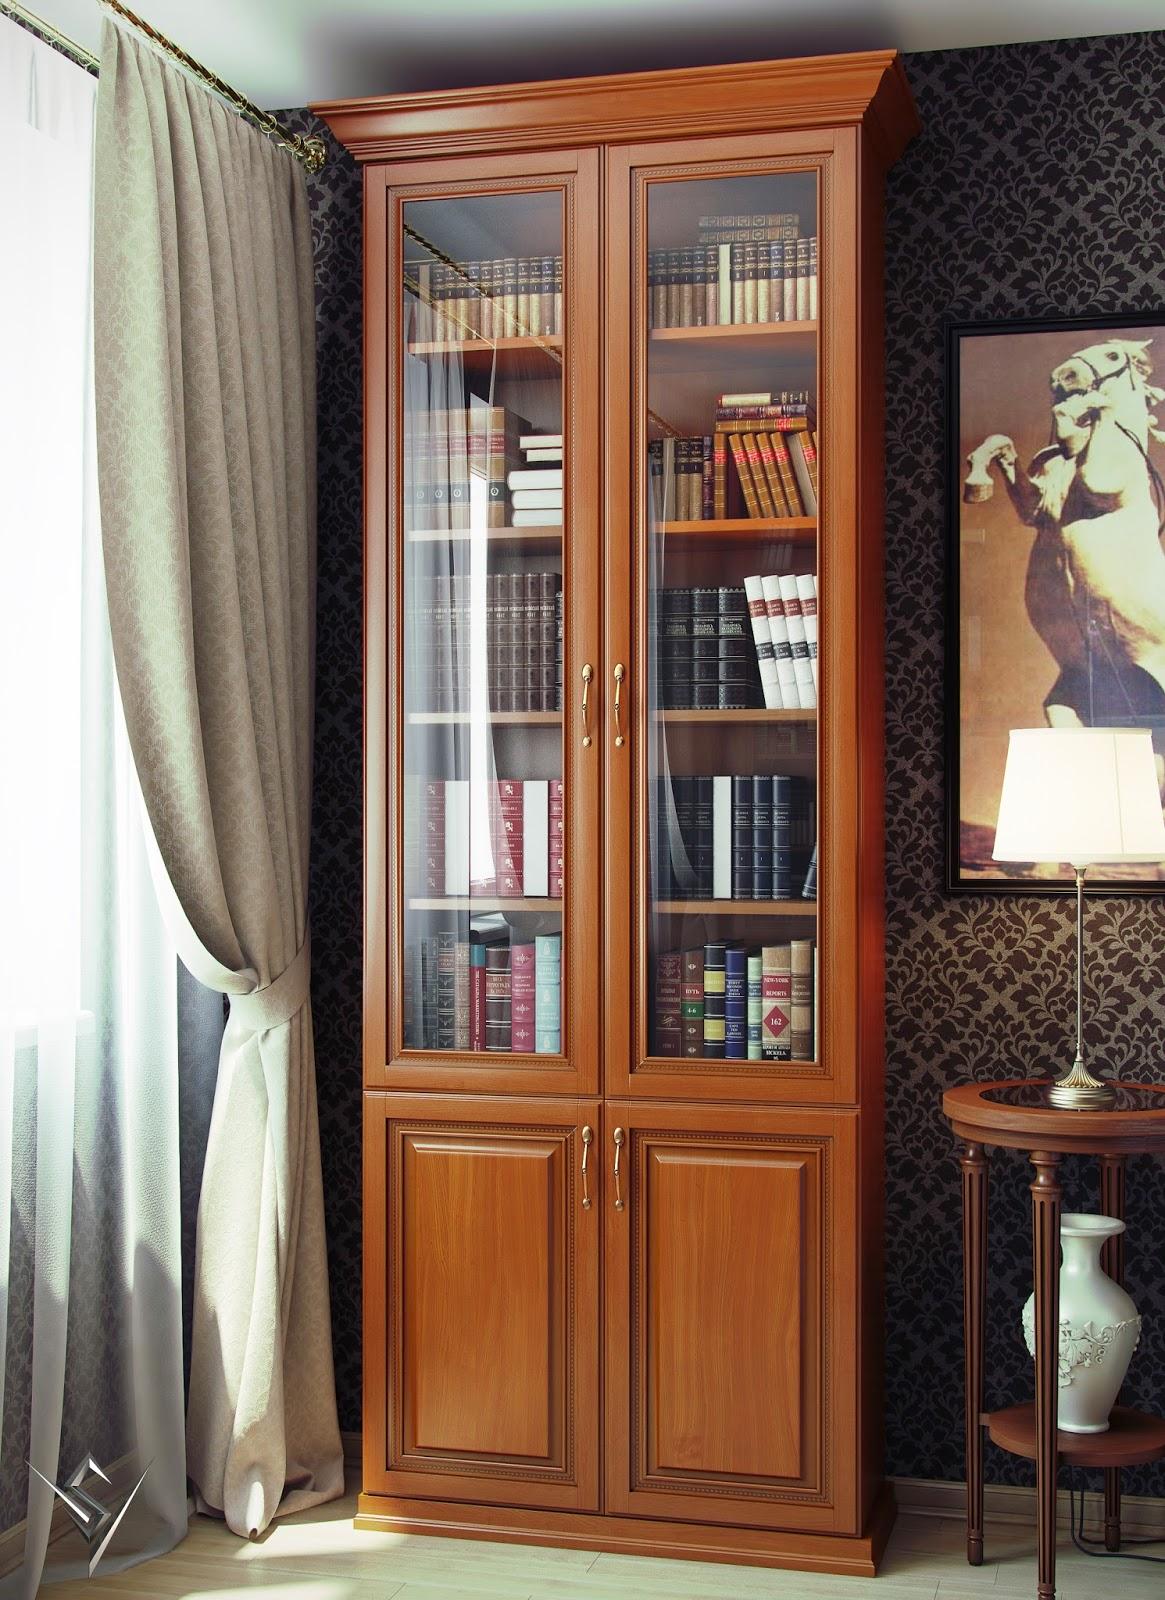 Книжный шкаф - незаменимый атрибут для современного интерьер.